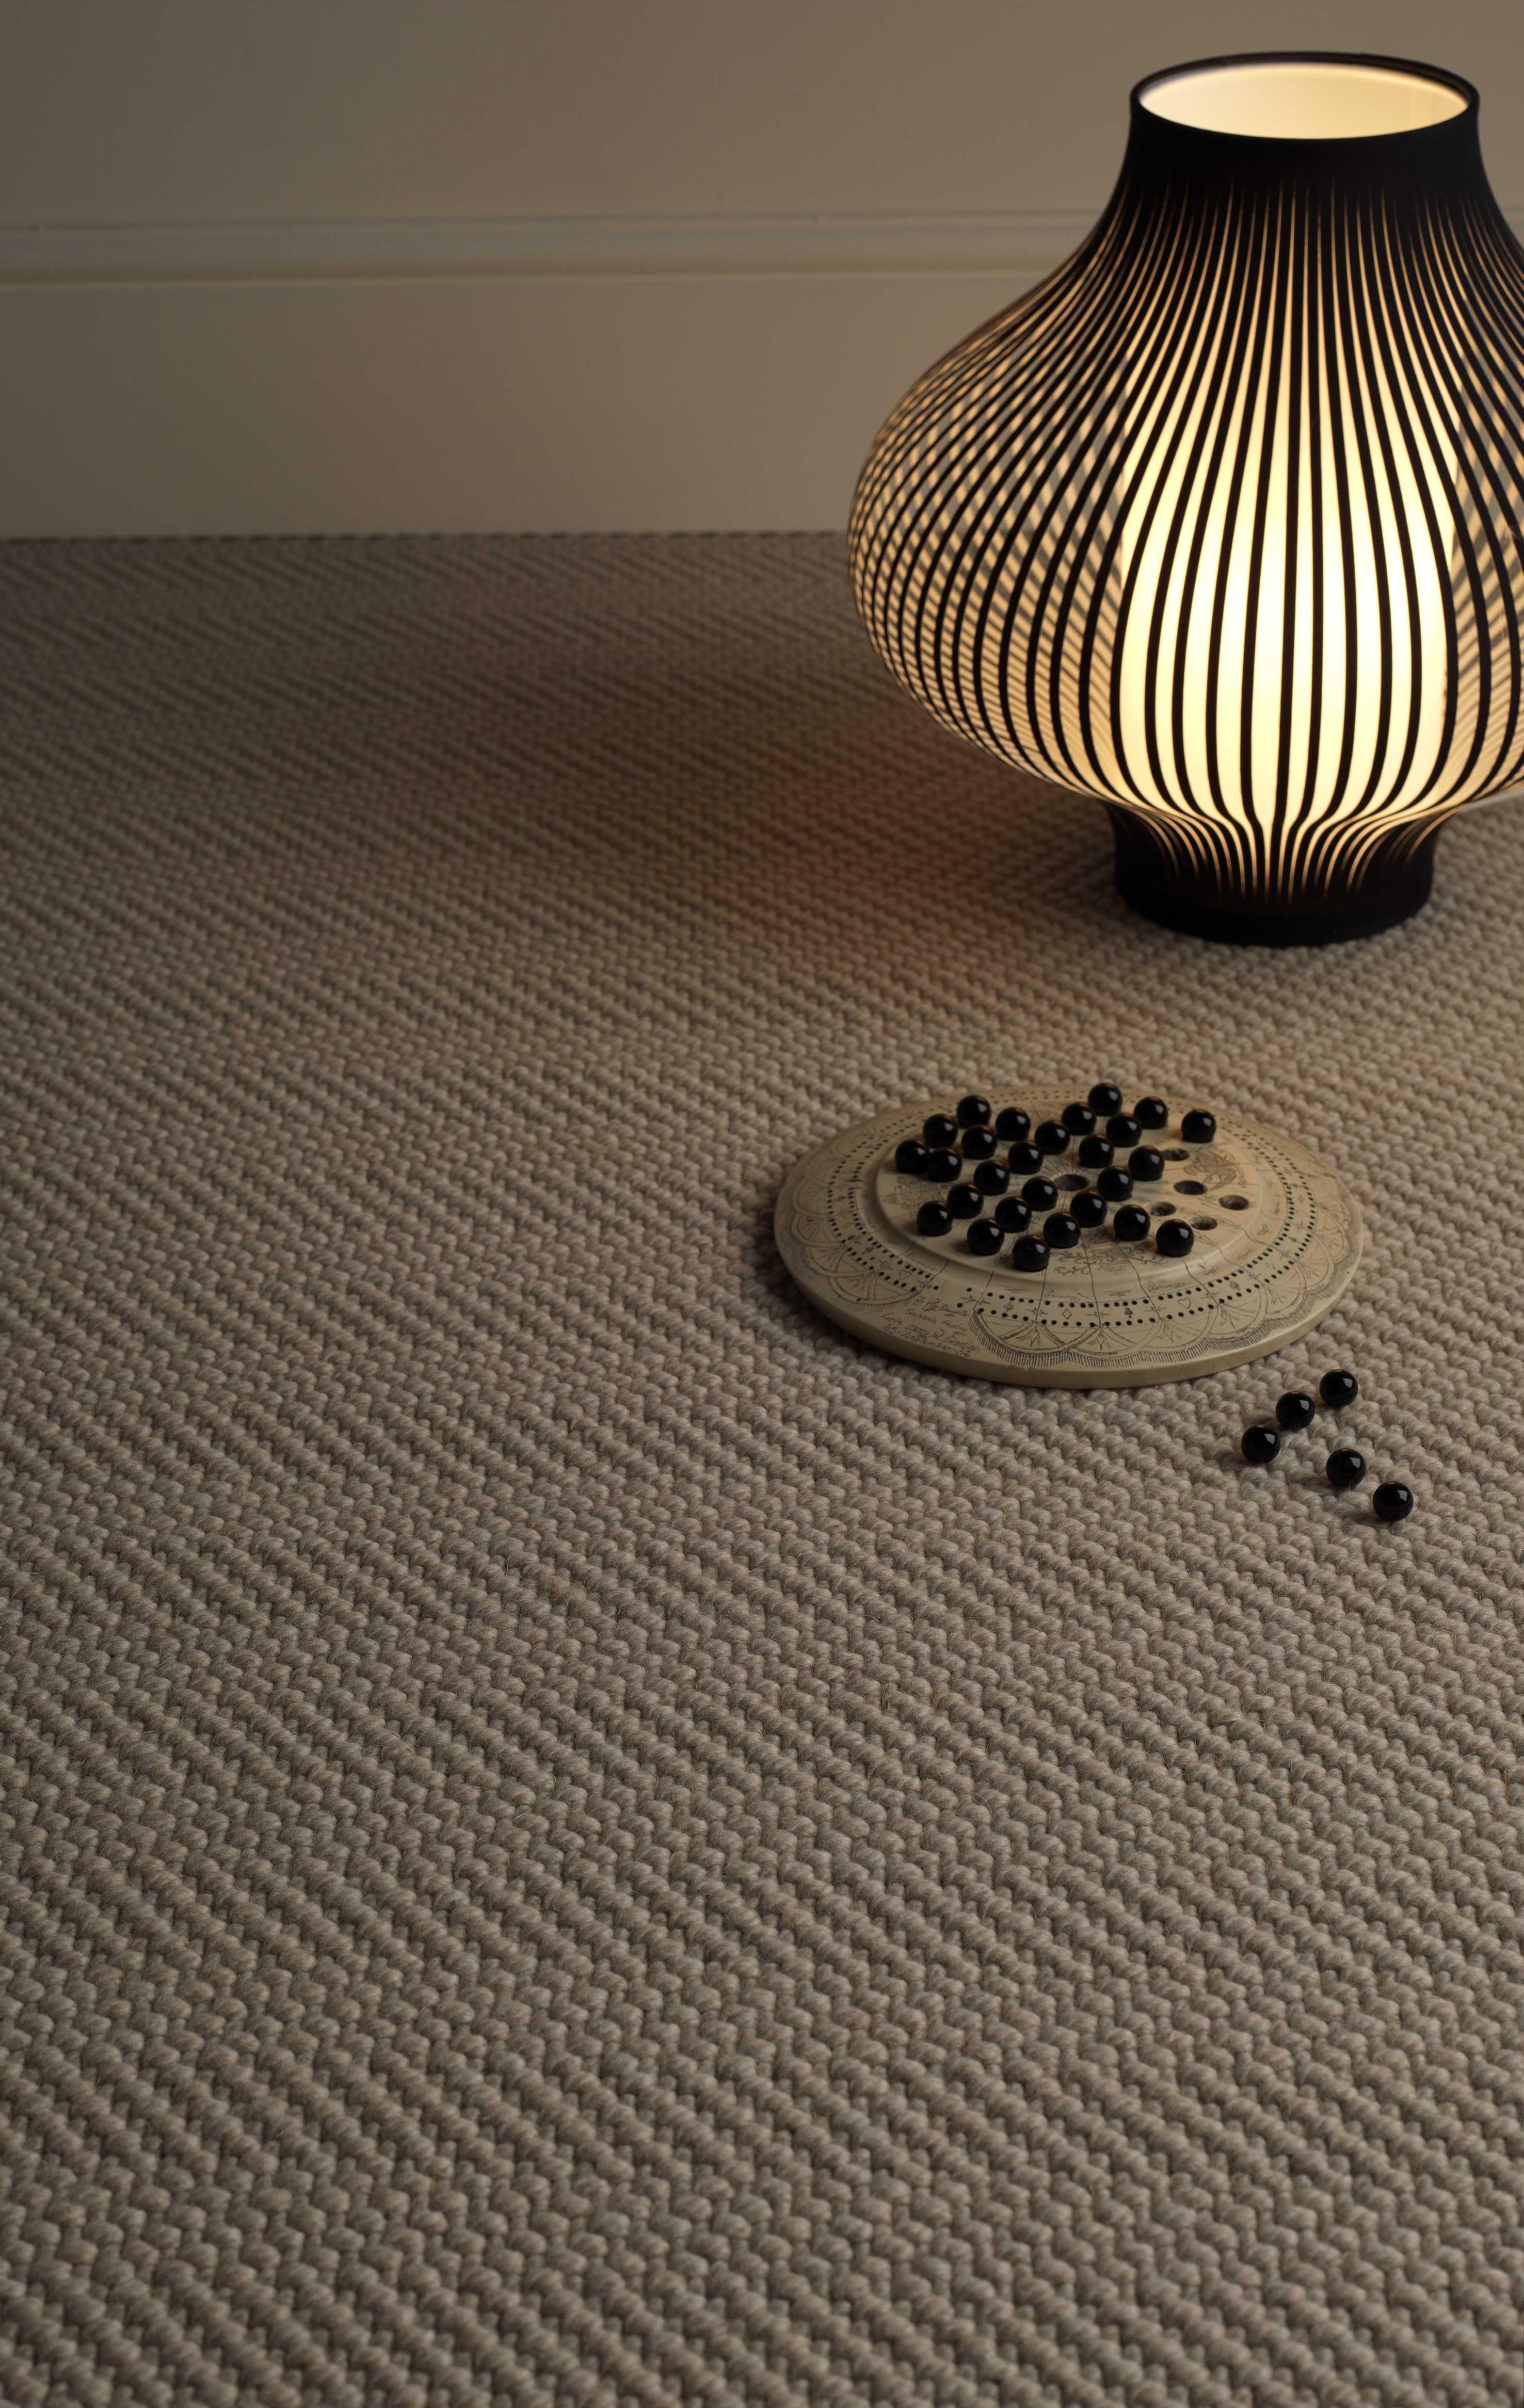 Jacaranda Natural Weave Herringbone Marl Carpet